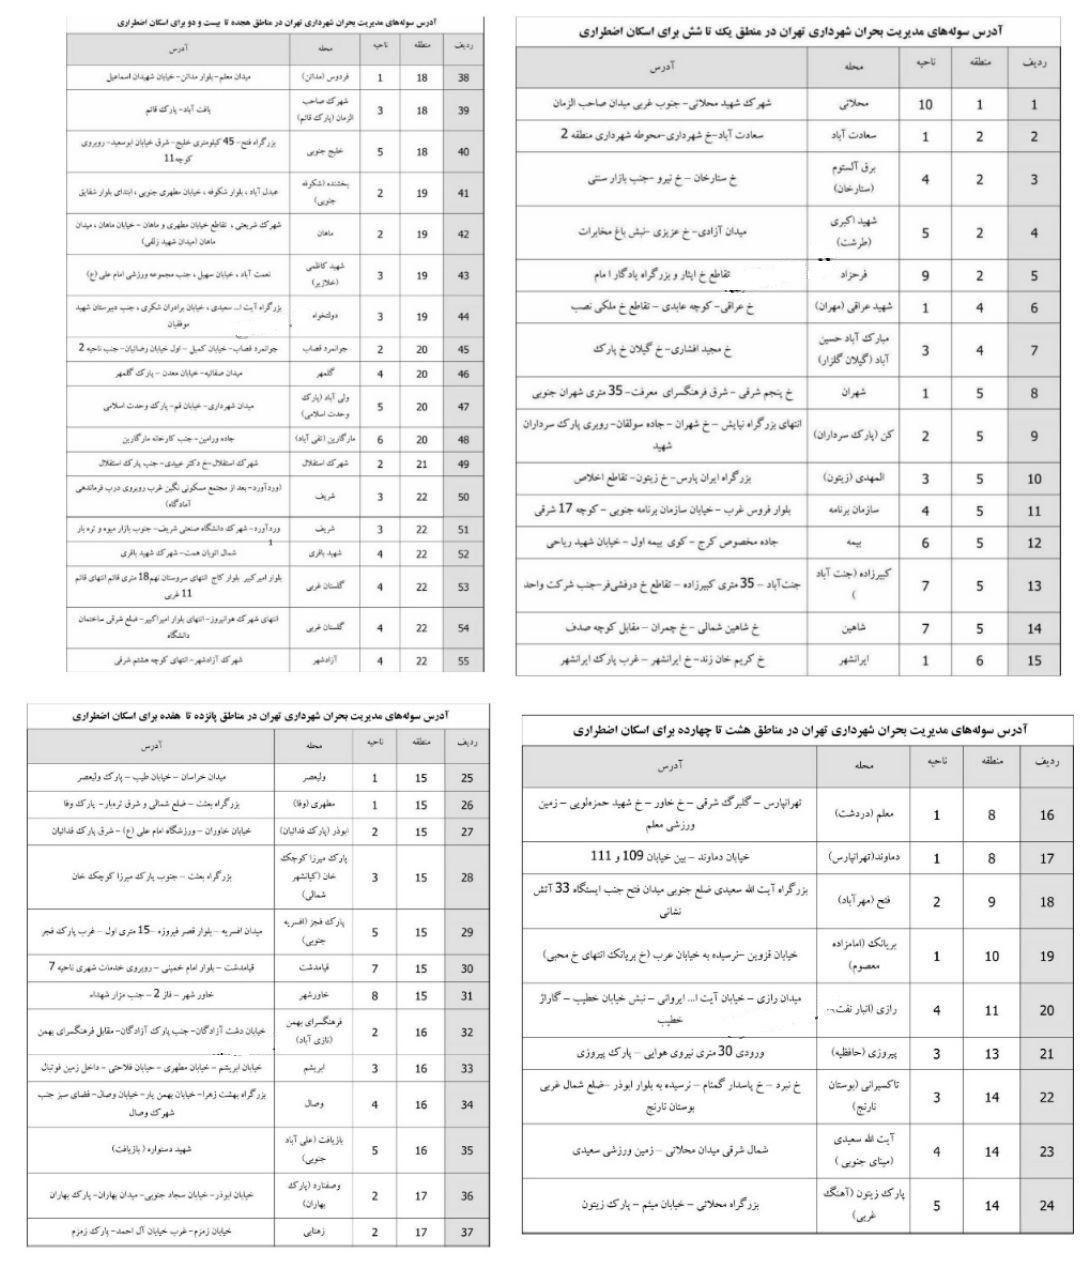 زلزله دماوند چقدر خطرناک بود؟ خطر وقوع زلزله همیشه تهران را تهدید می کند